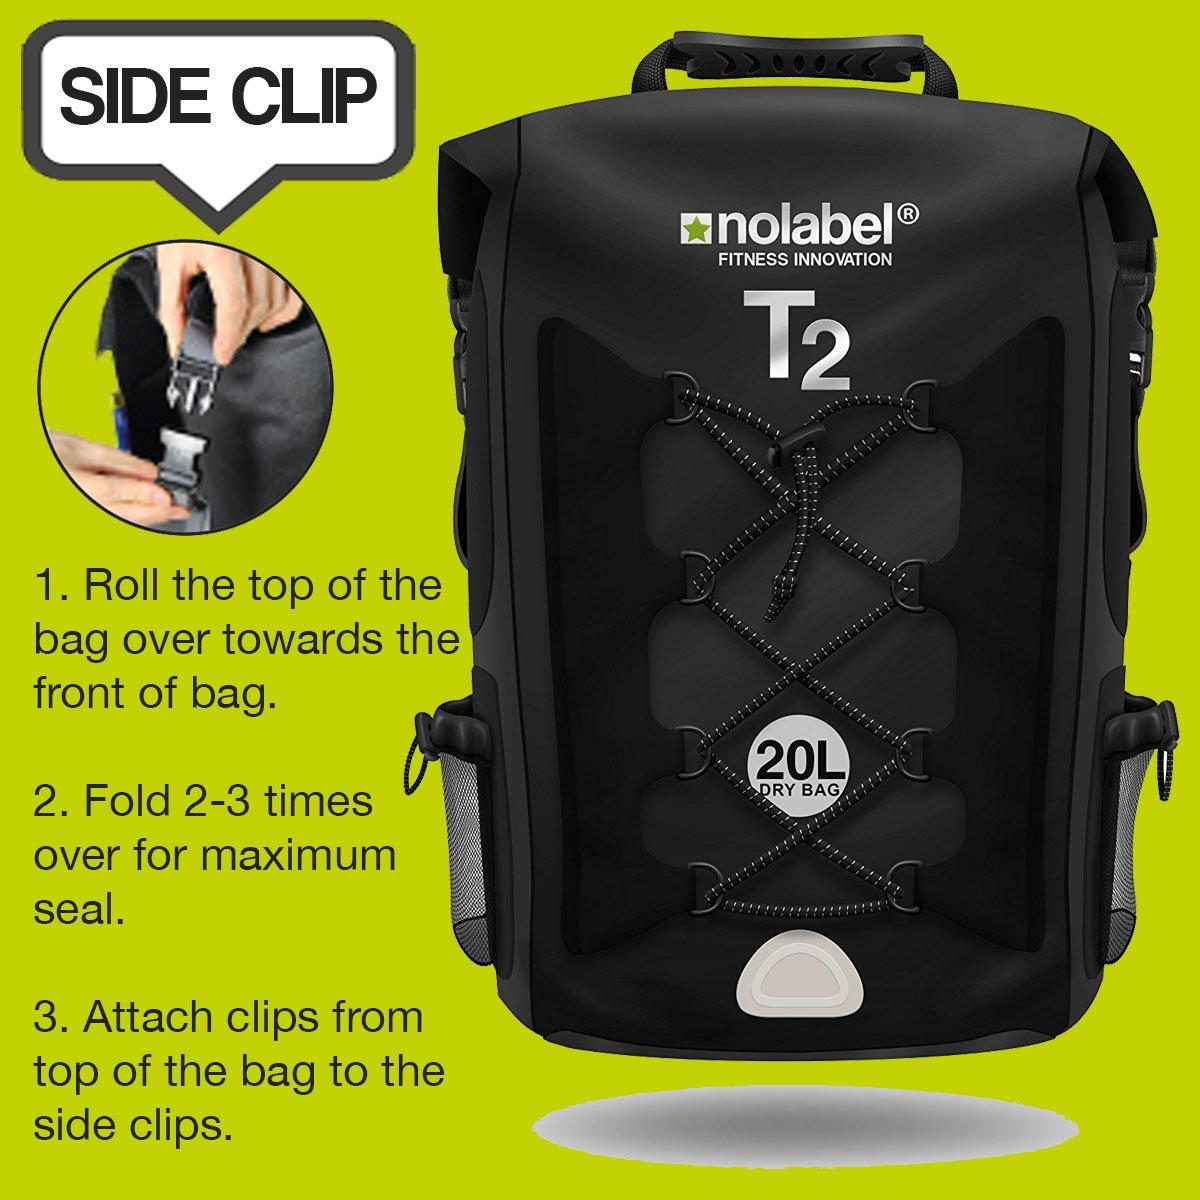 Mochila deportiva de 20L impermeable - T2 Mochila para Ciclismo Running Triatlón y Deportes acuáticos. Protege del polvo, la arena, el agua y la suciedad ...